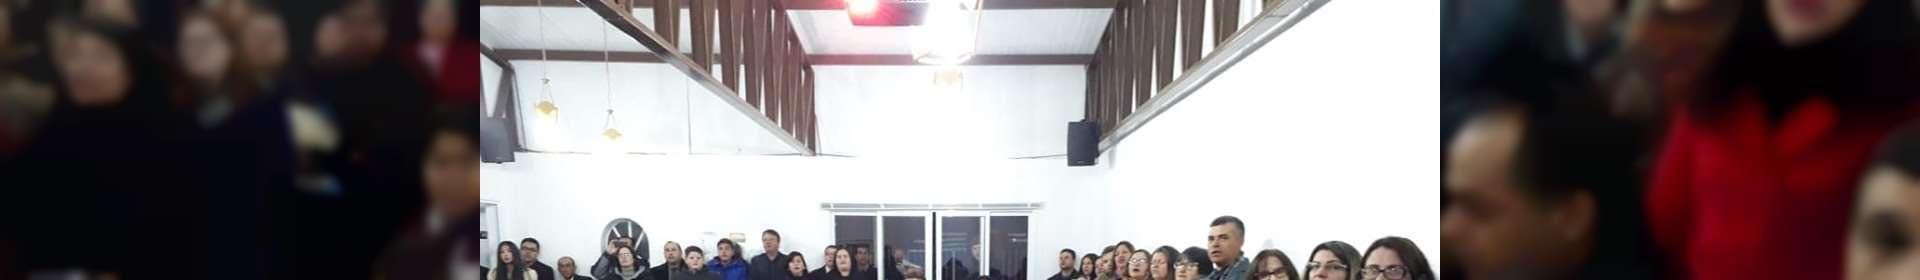 Igrejas Cristã Maranata são consagradas em diversas partes do Brasil